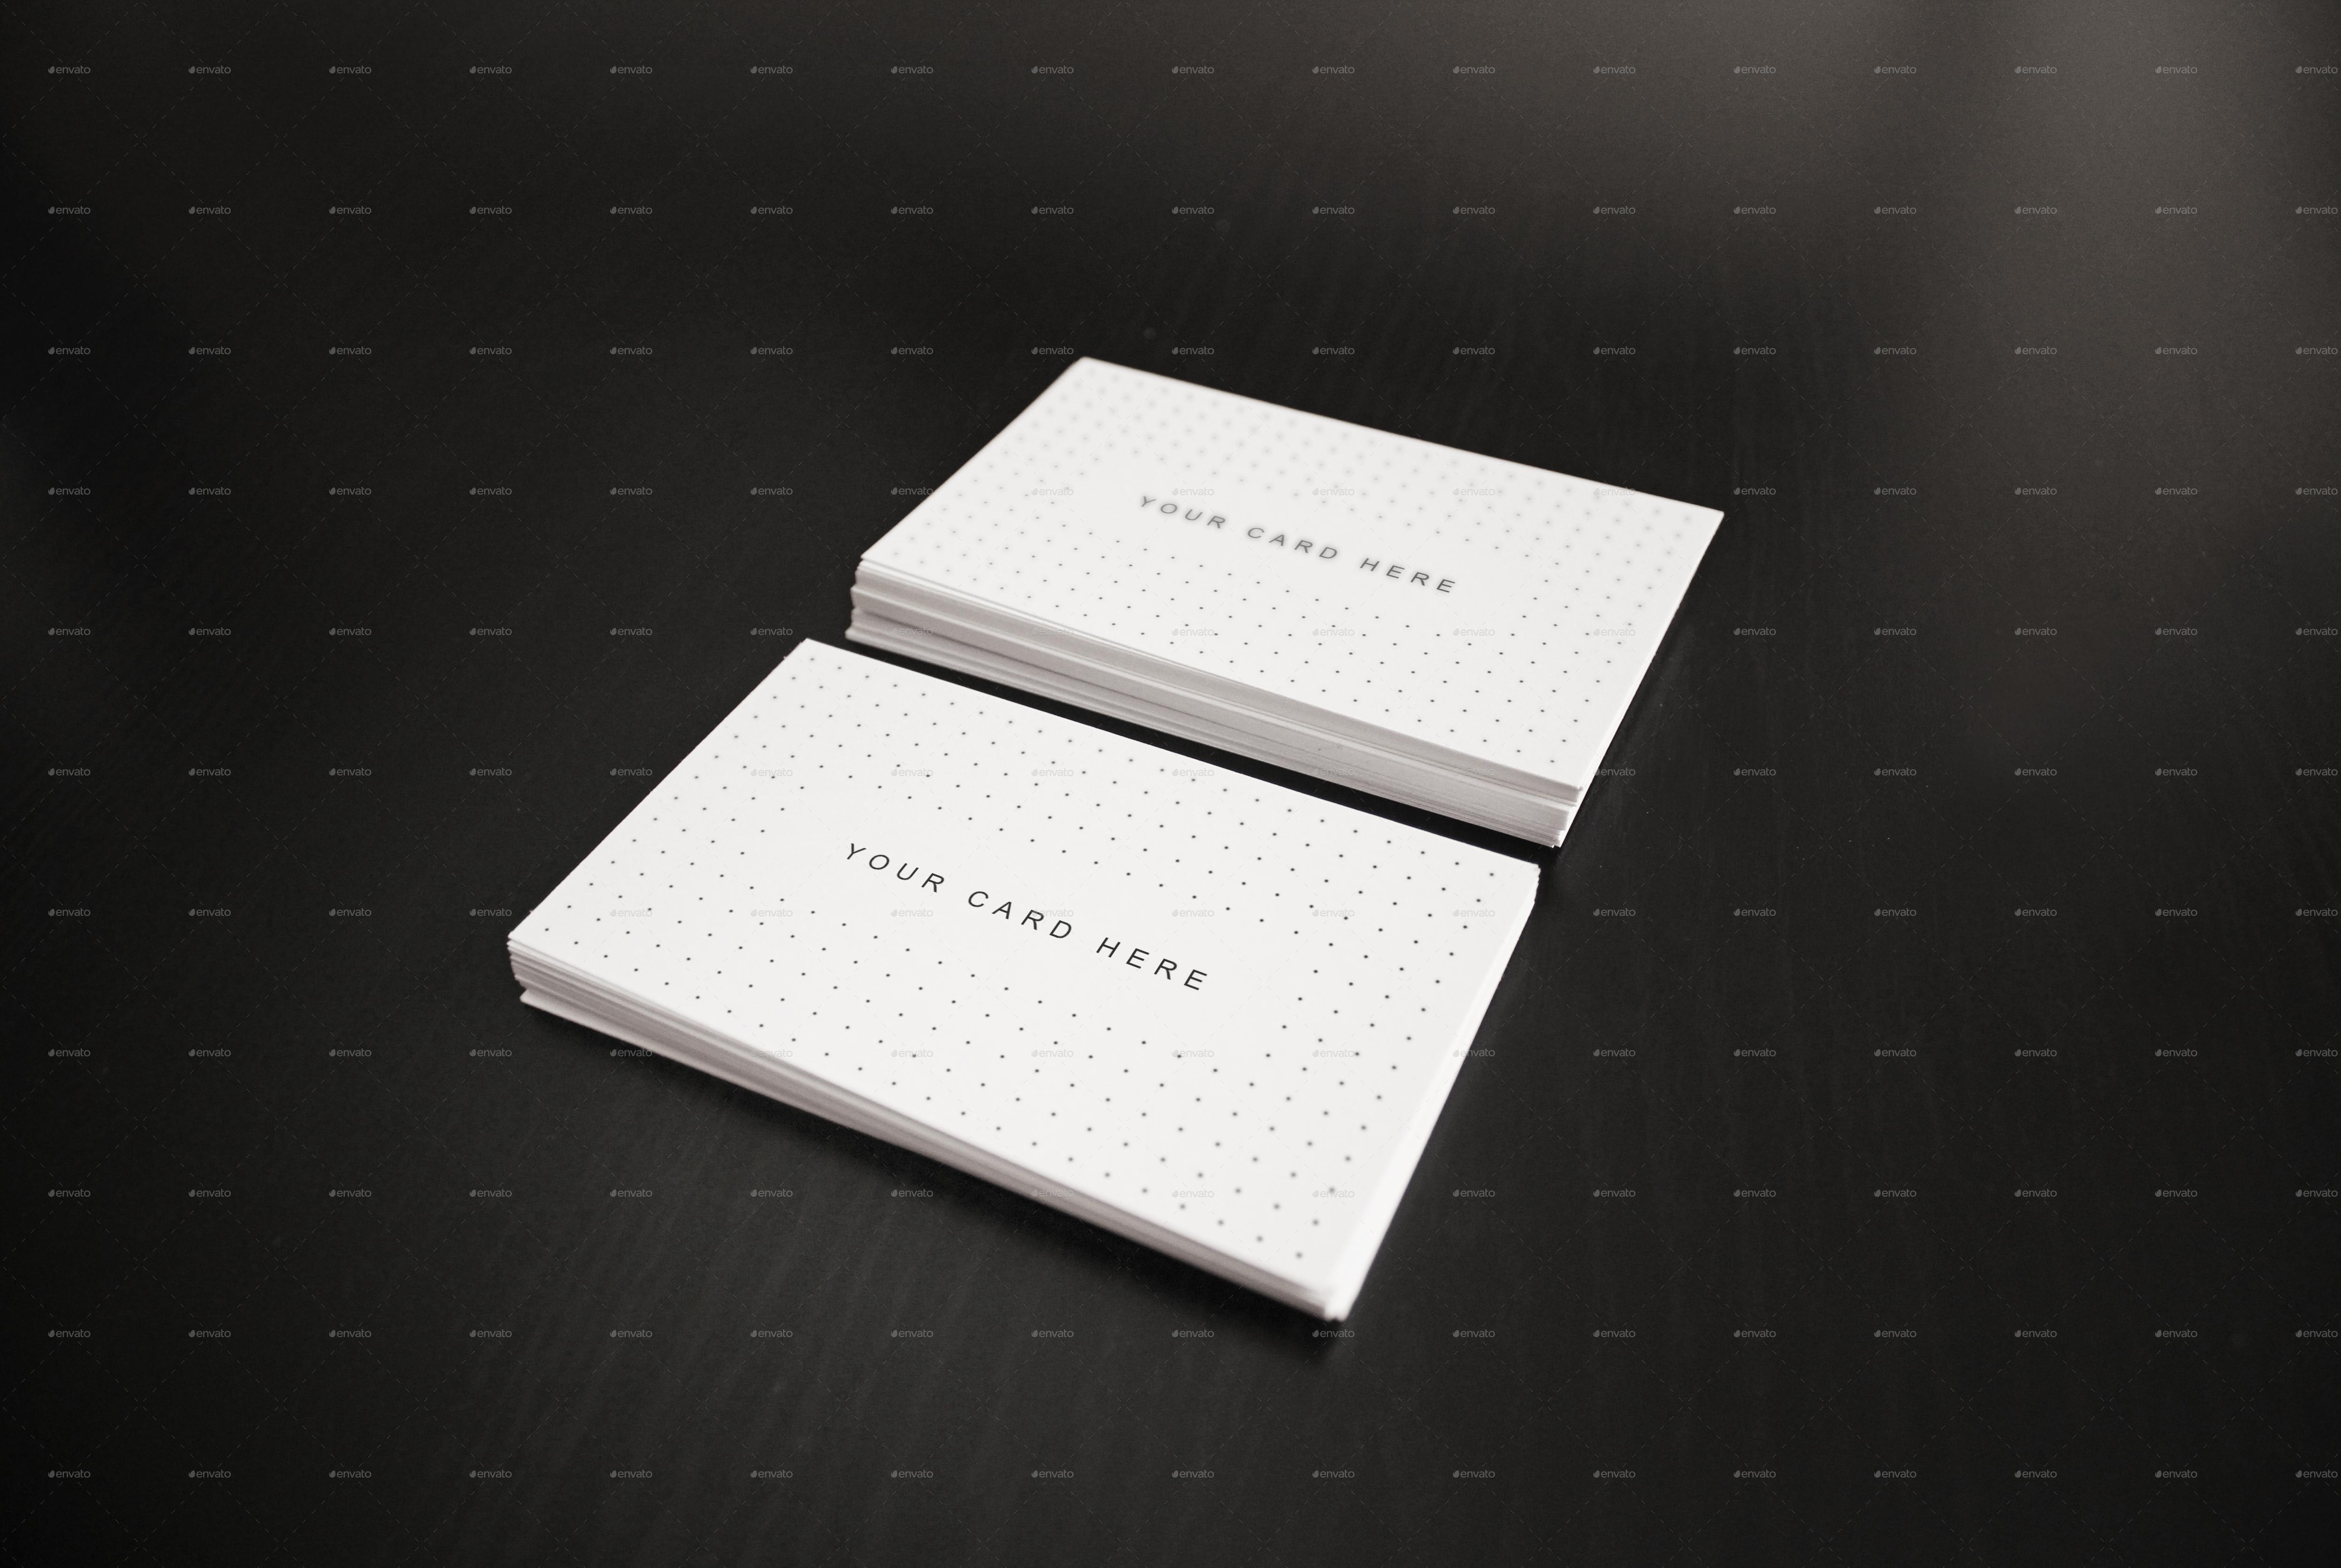 Elegant business card flyer mock ups bundle by giallo graphicriver 1 flyer business card mock up copyg 10 flyer business card mock up copyg reheart Gallery